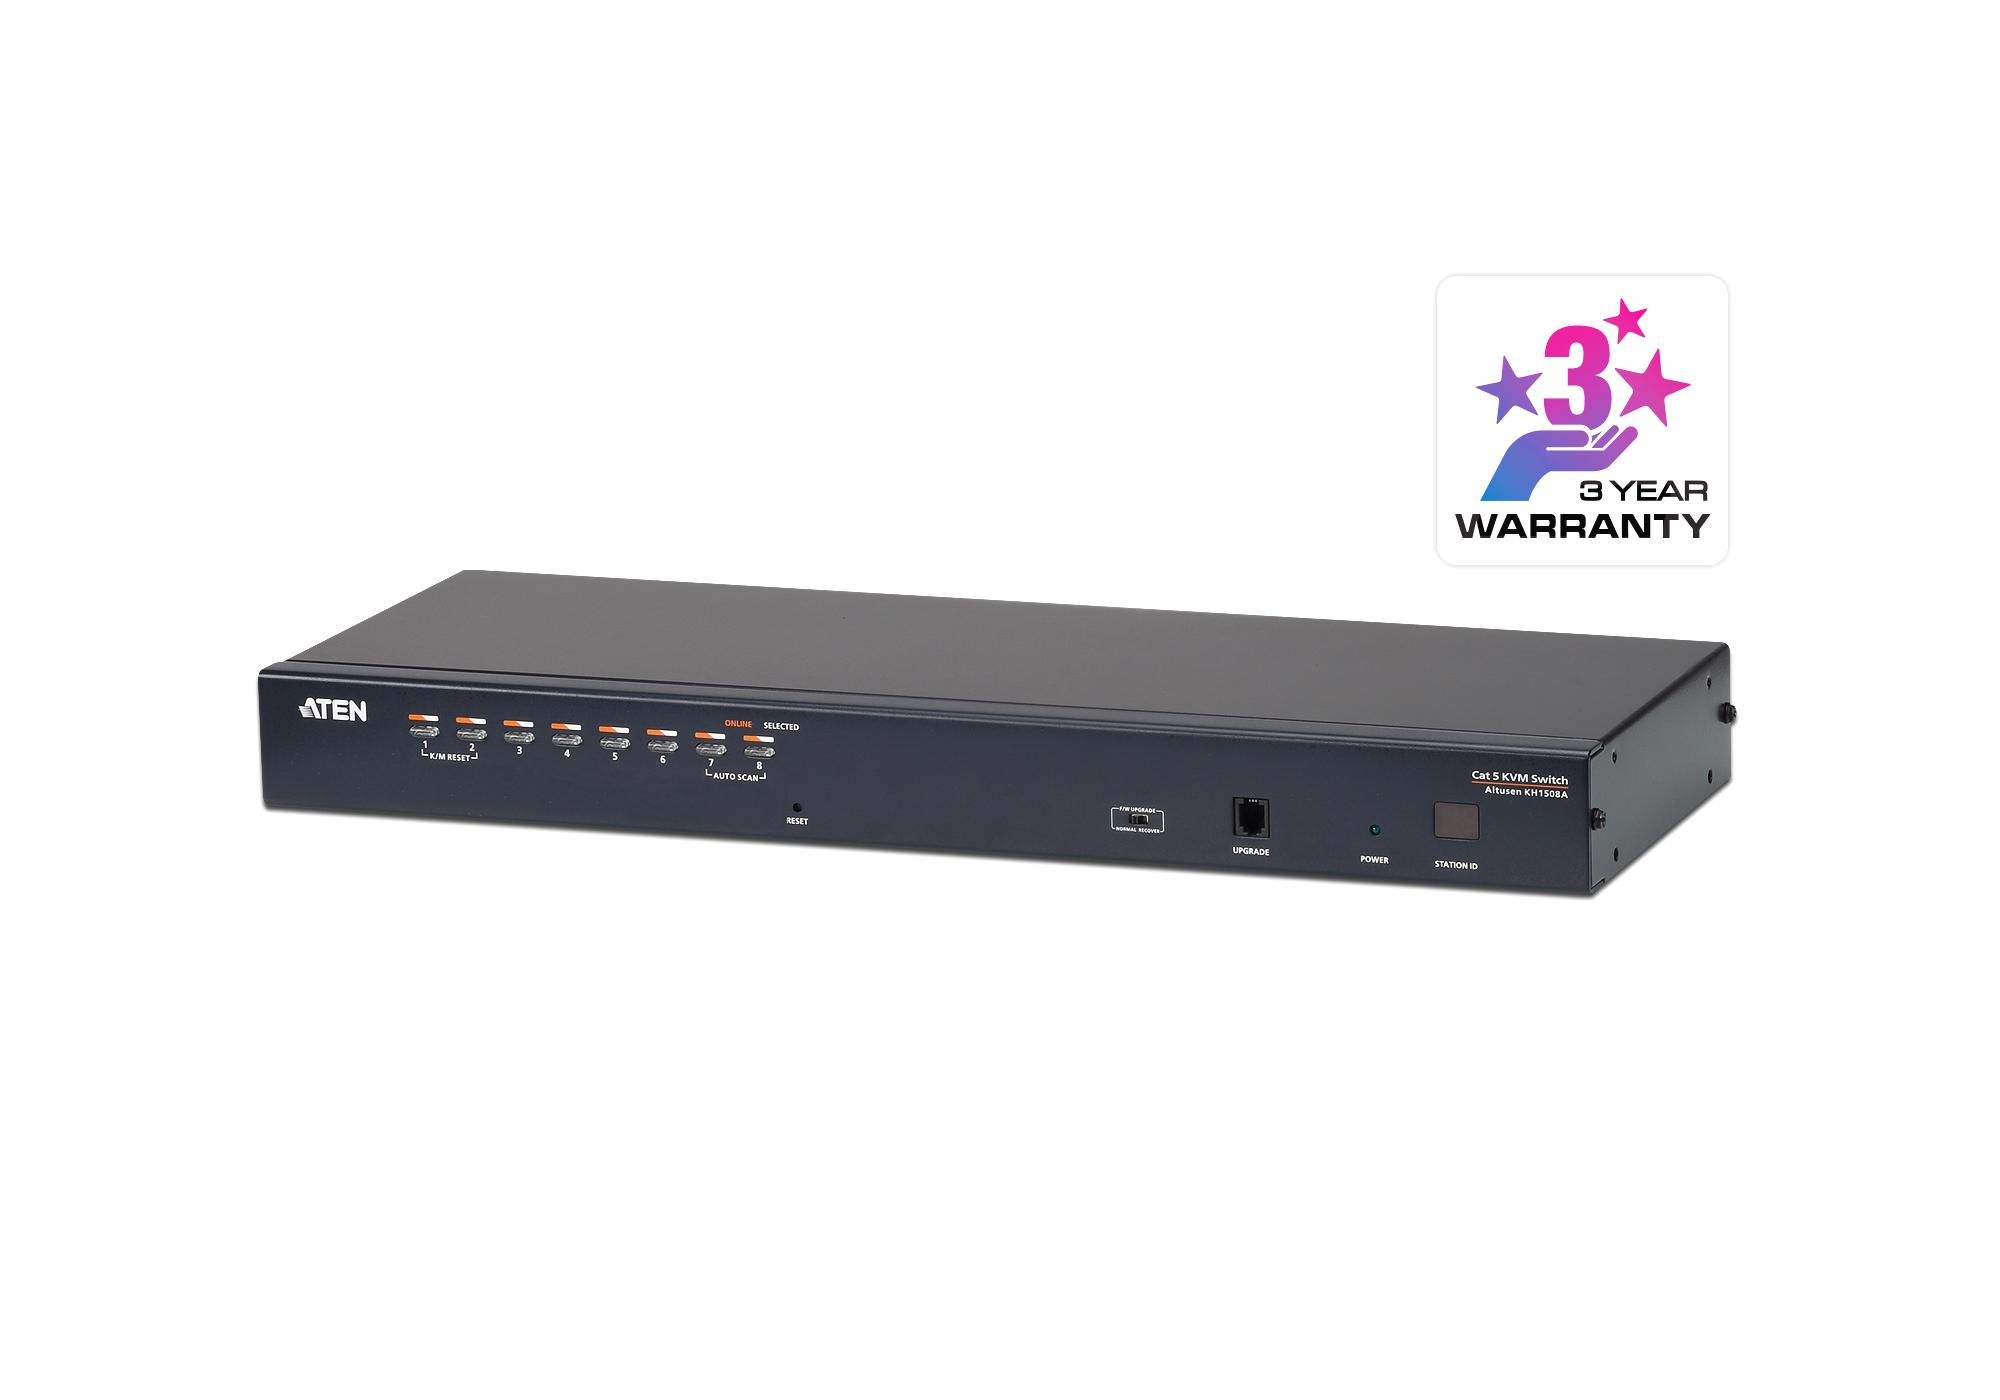 8埠Cat 5 KVM多電腦切換器支援菊鏈串接功能 - KH1508A. ATEN Cat 5 KVM多電腦切換器